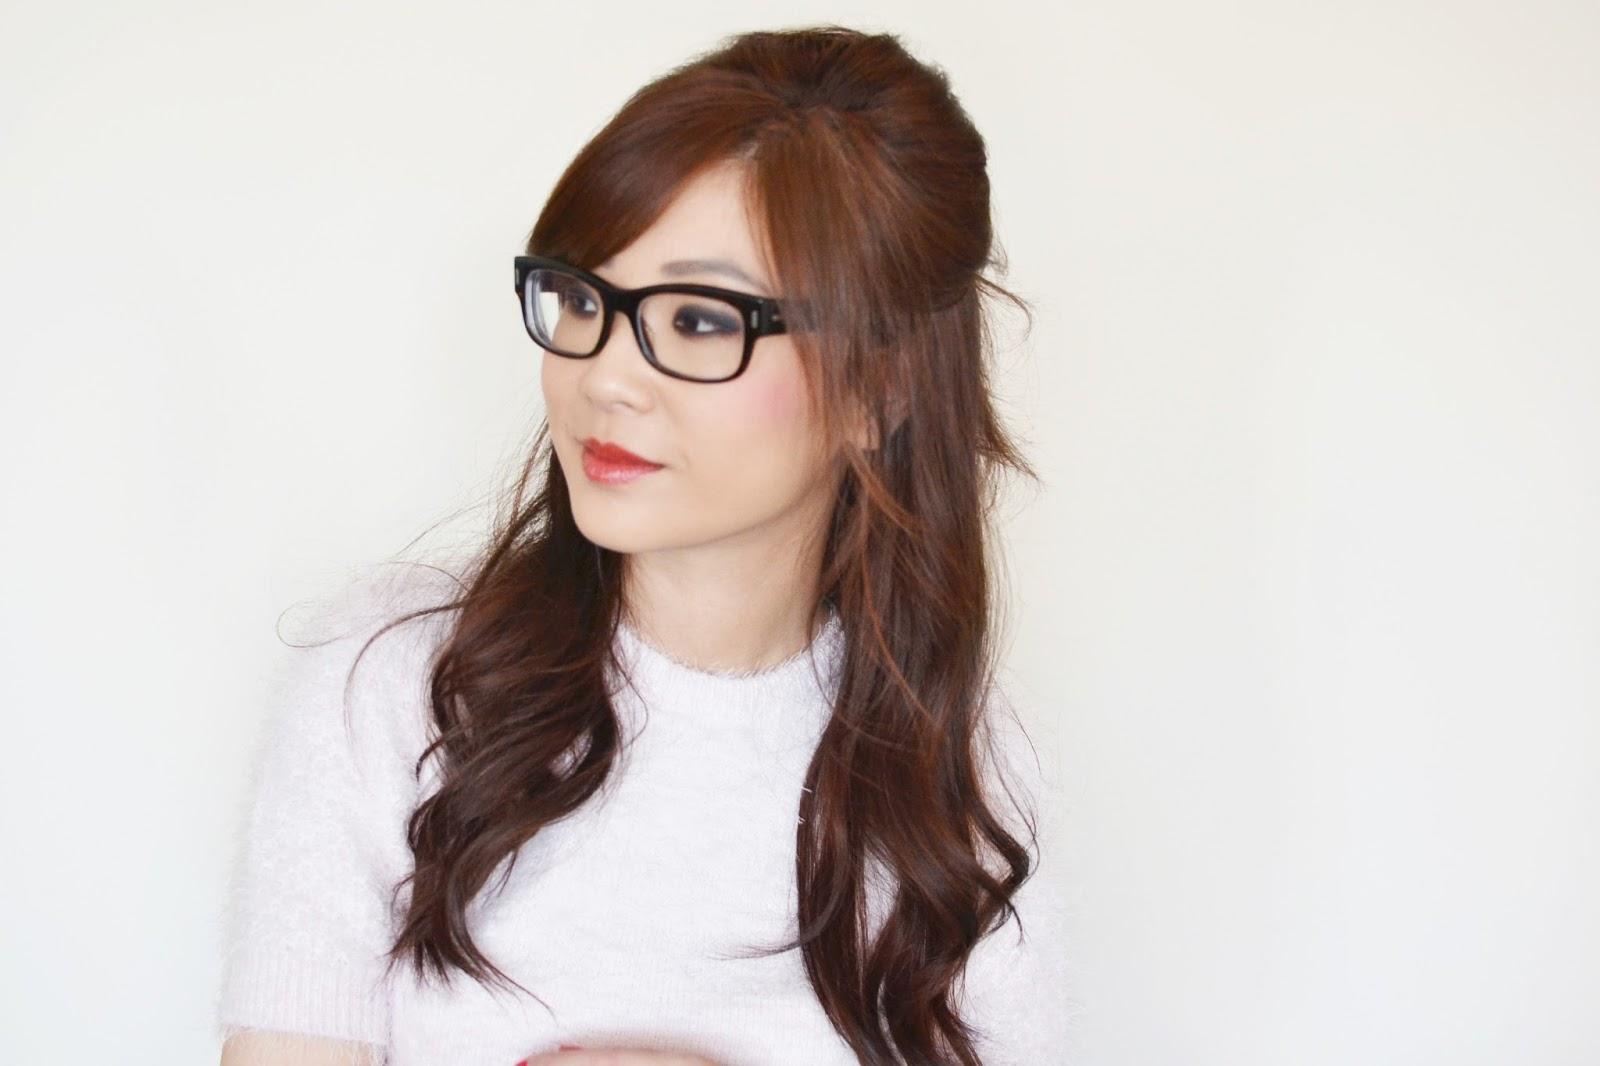 hair style for medium length hair, half up half down hair style,